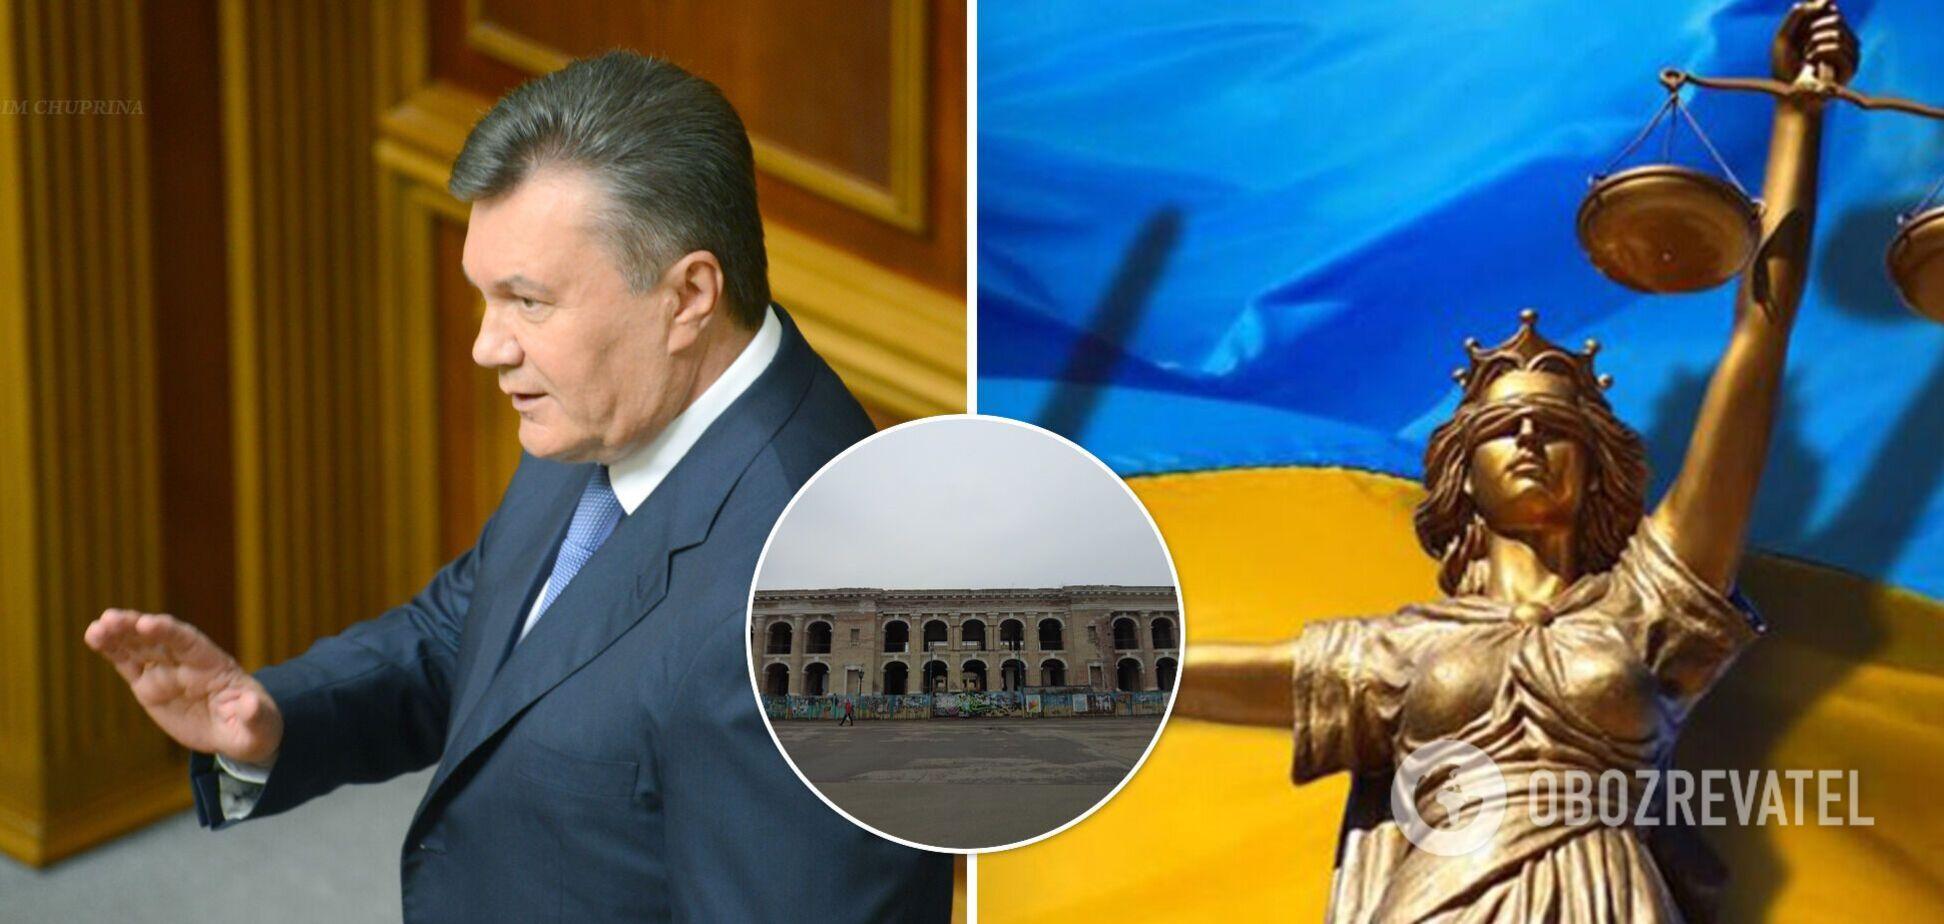 Янукович, бізнес і корупція: хто занапастив Гостиний двір у Києві та що робитиме влада. Фото, відео